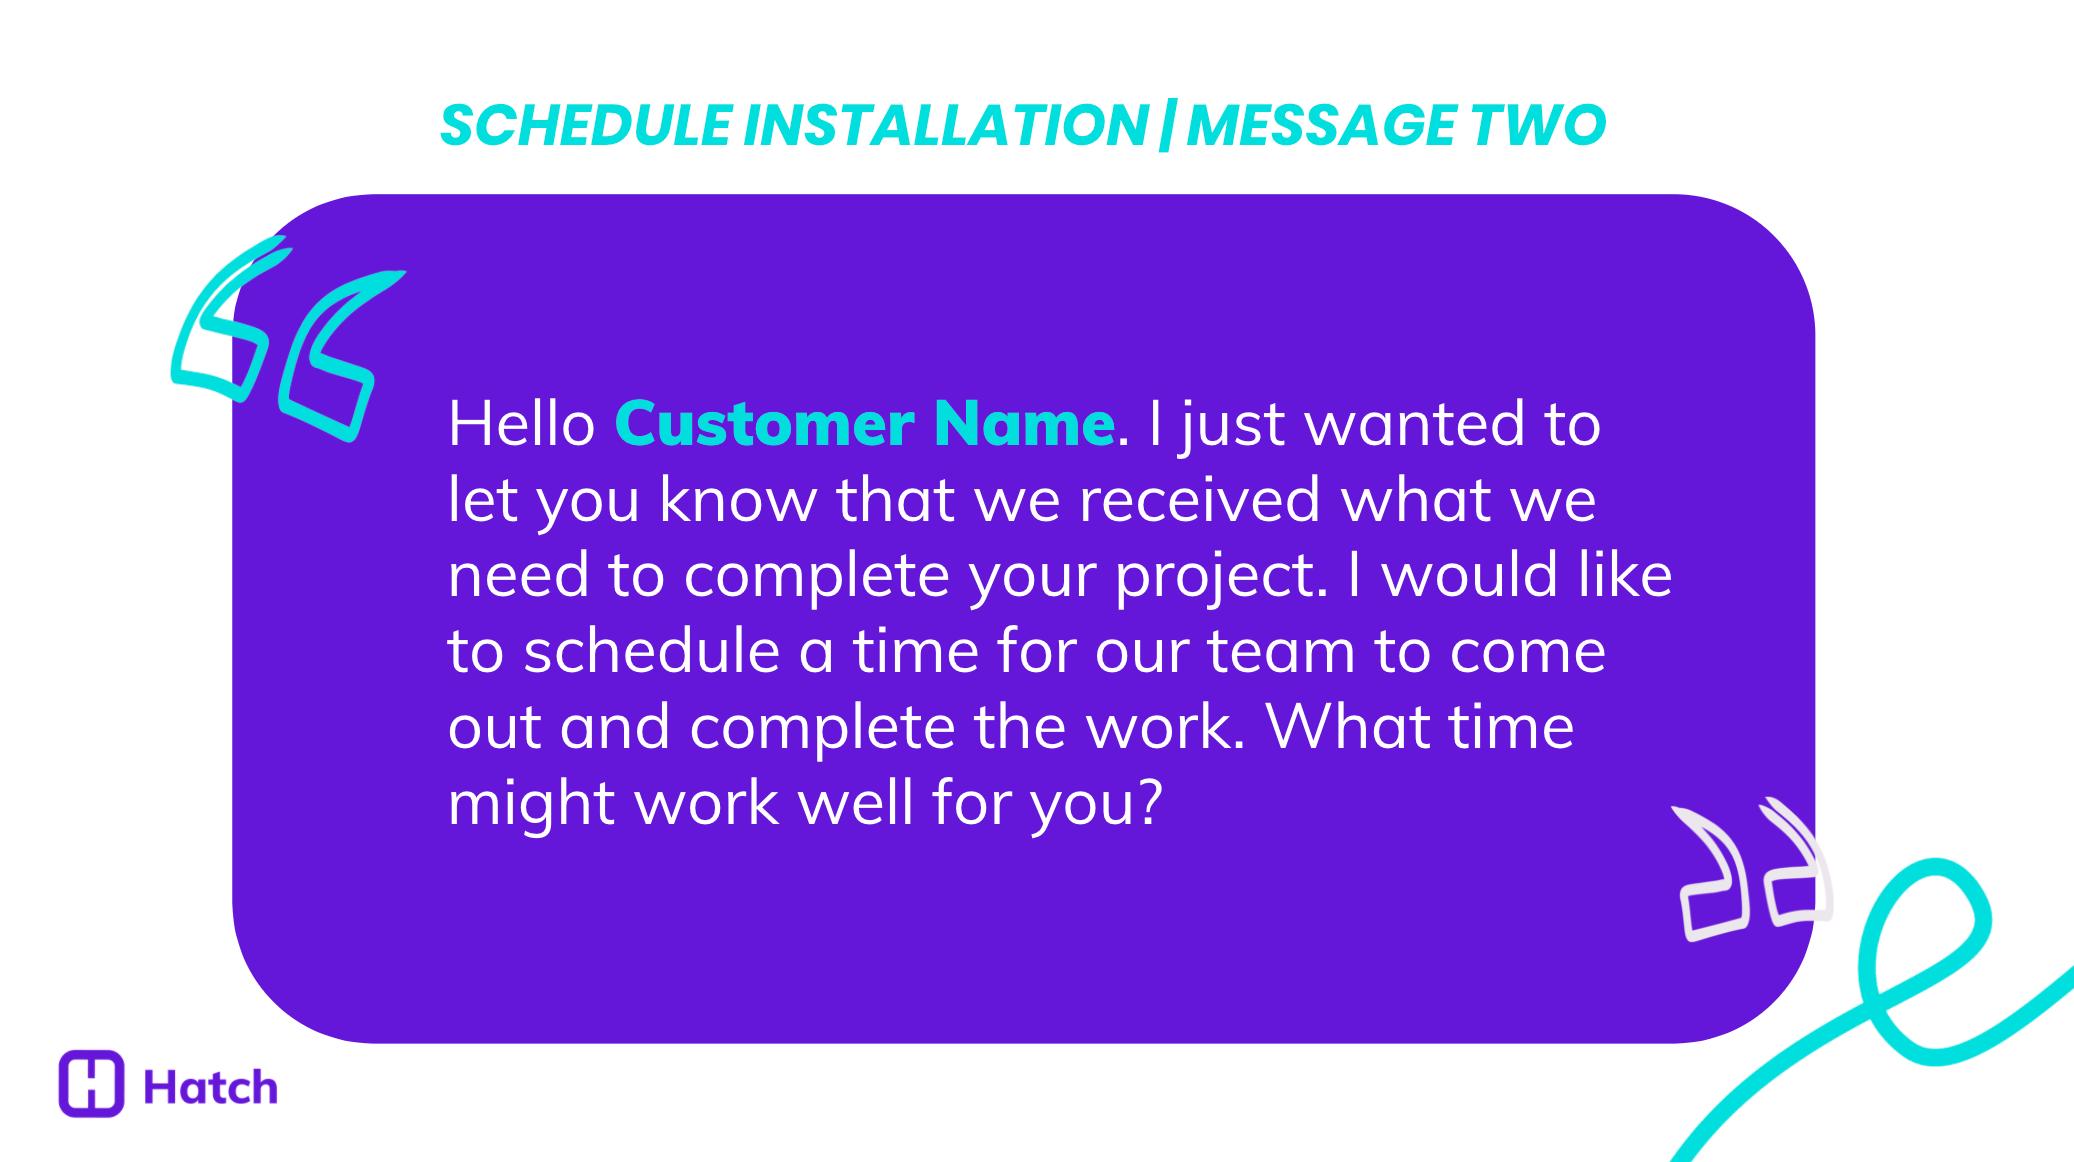 Schedule Installation, Message Two